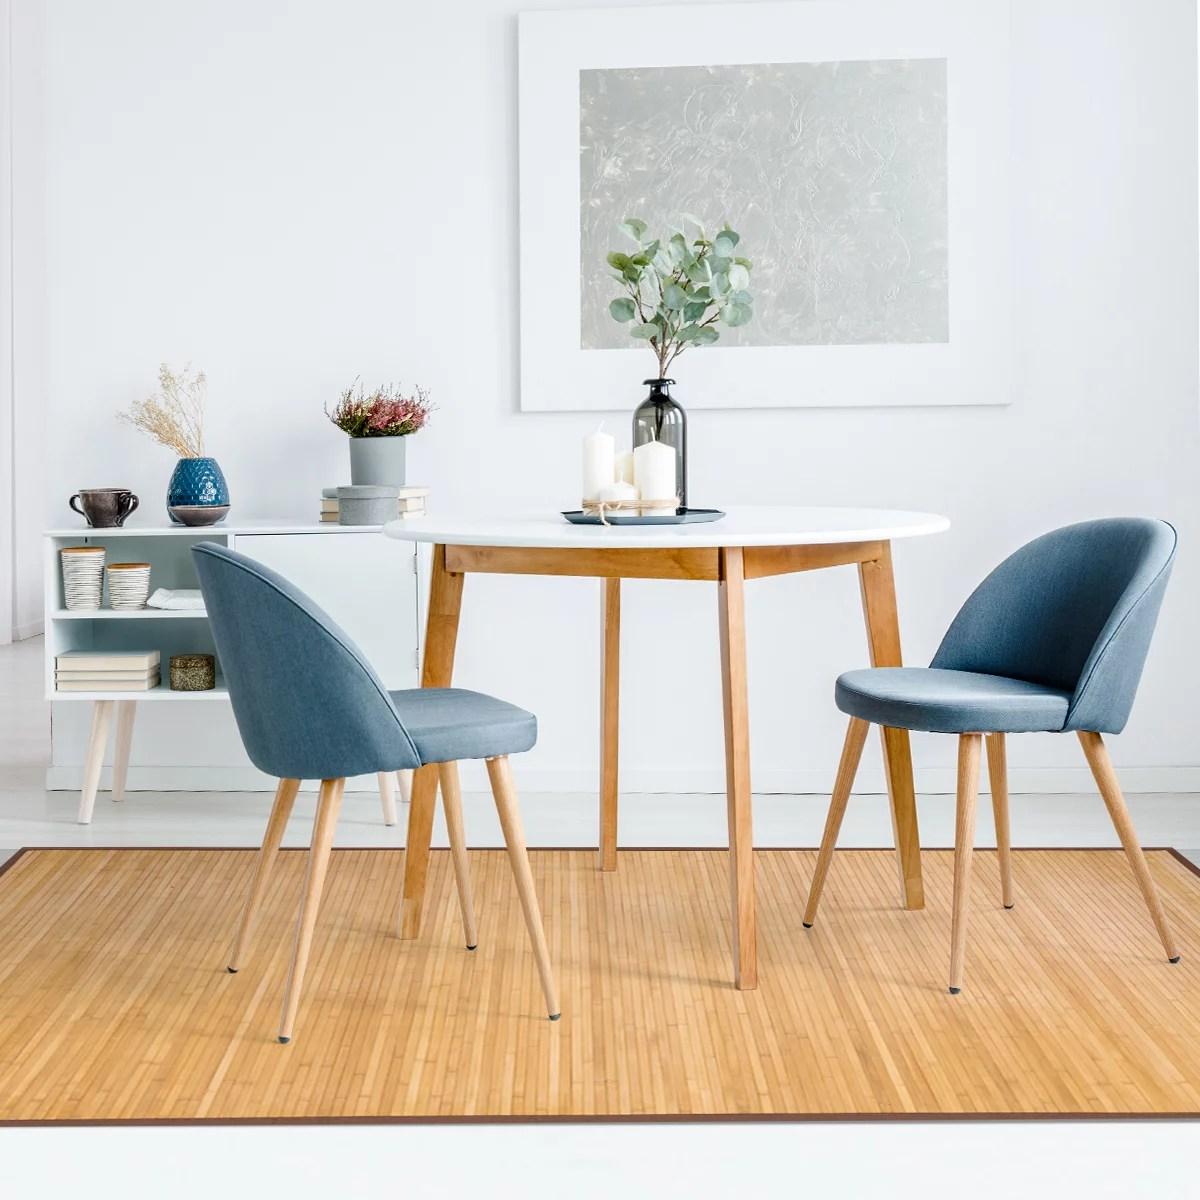 costway tapis en bambou cuisine ou salle de bain rectangulaire 150 x 240 cm marron avec sous tapis antideparant pour salon chambre